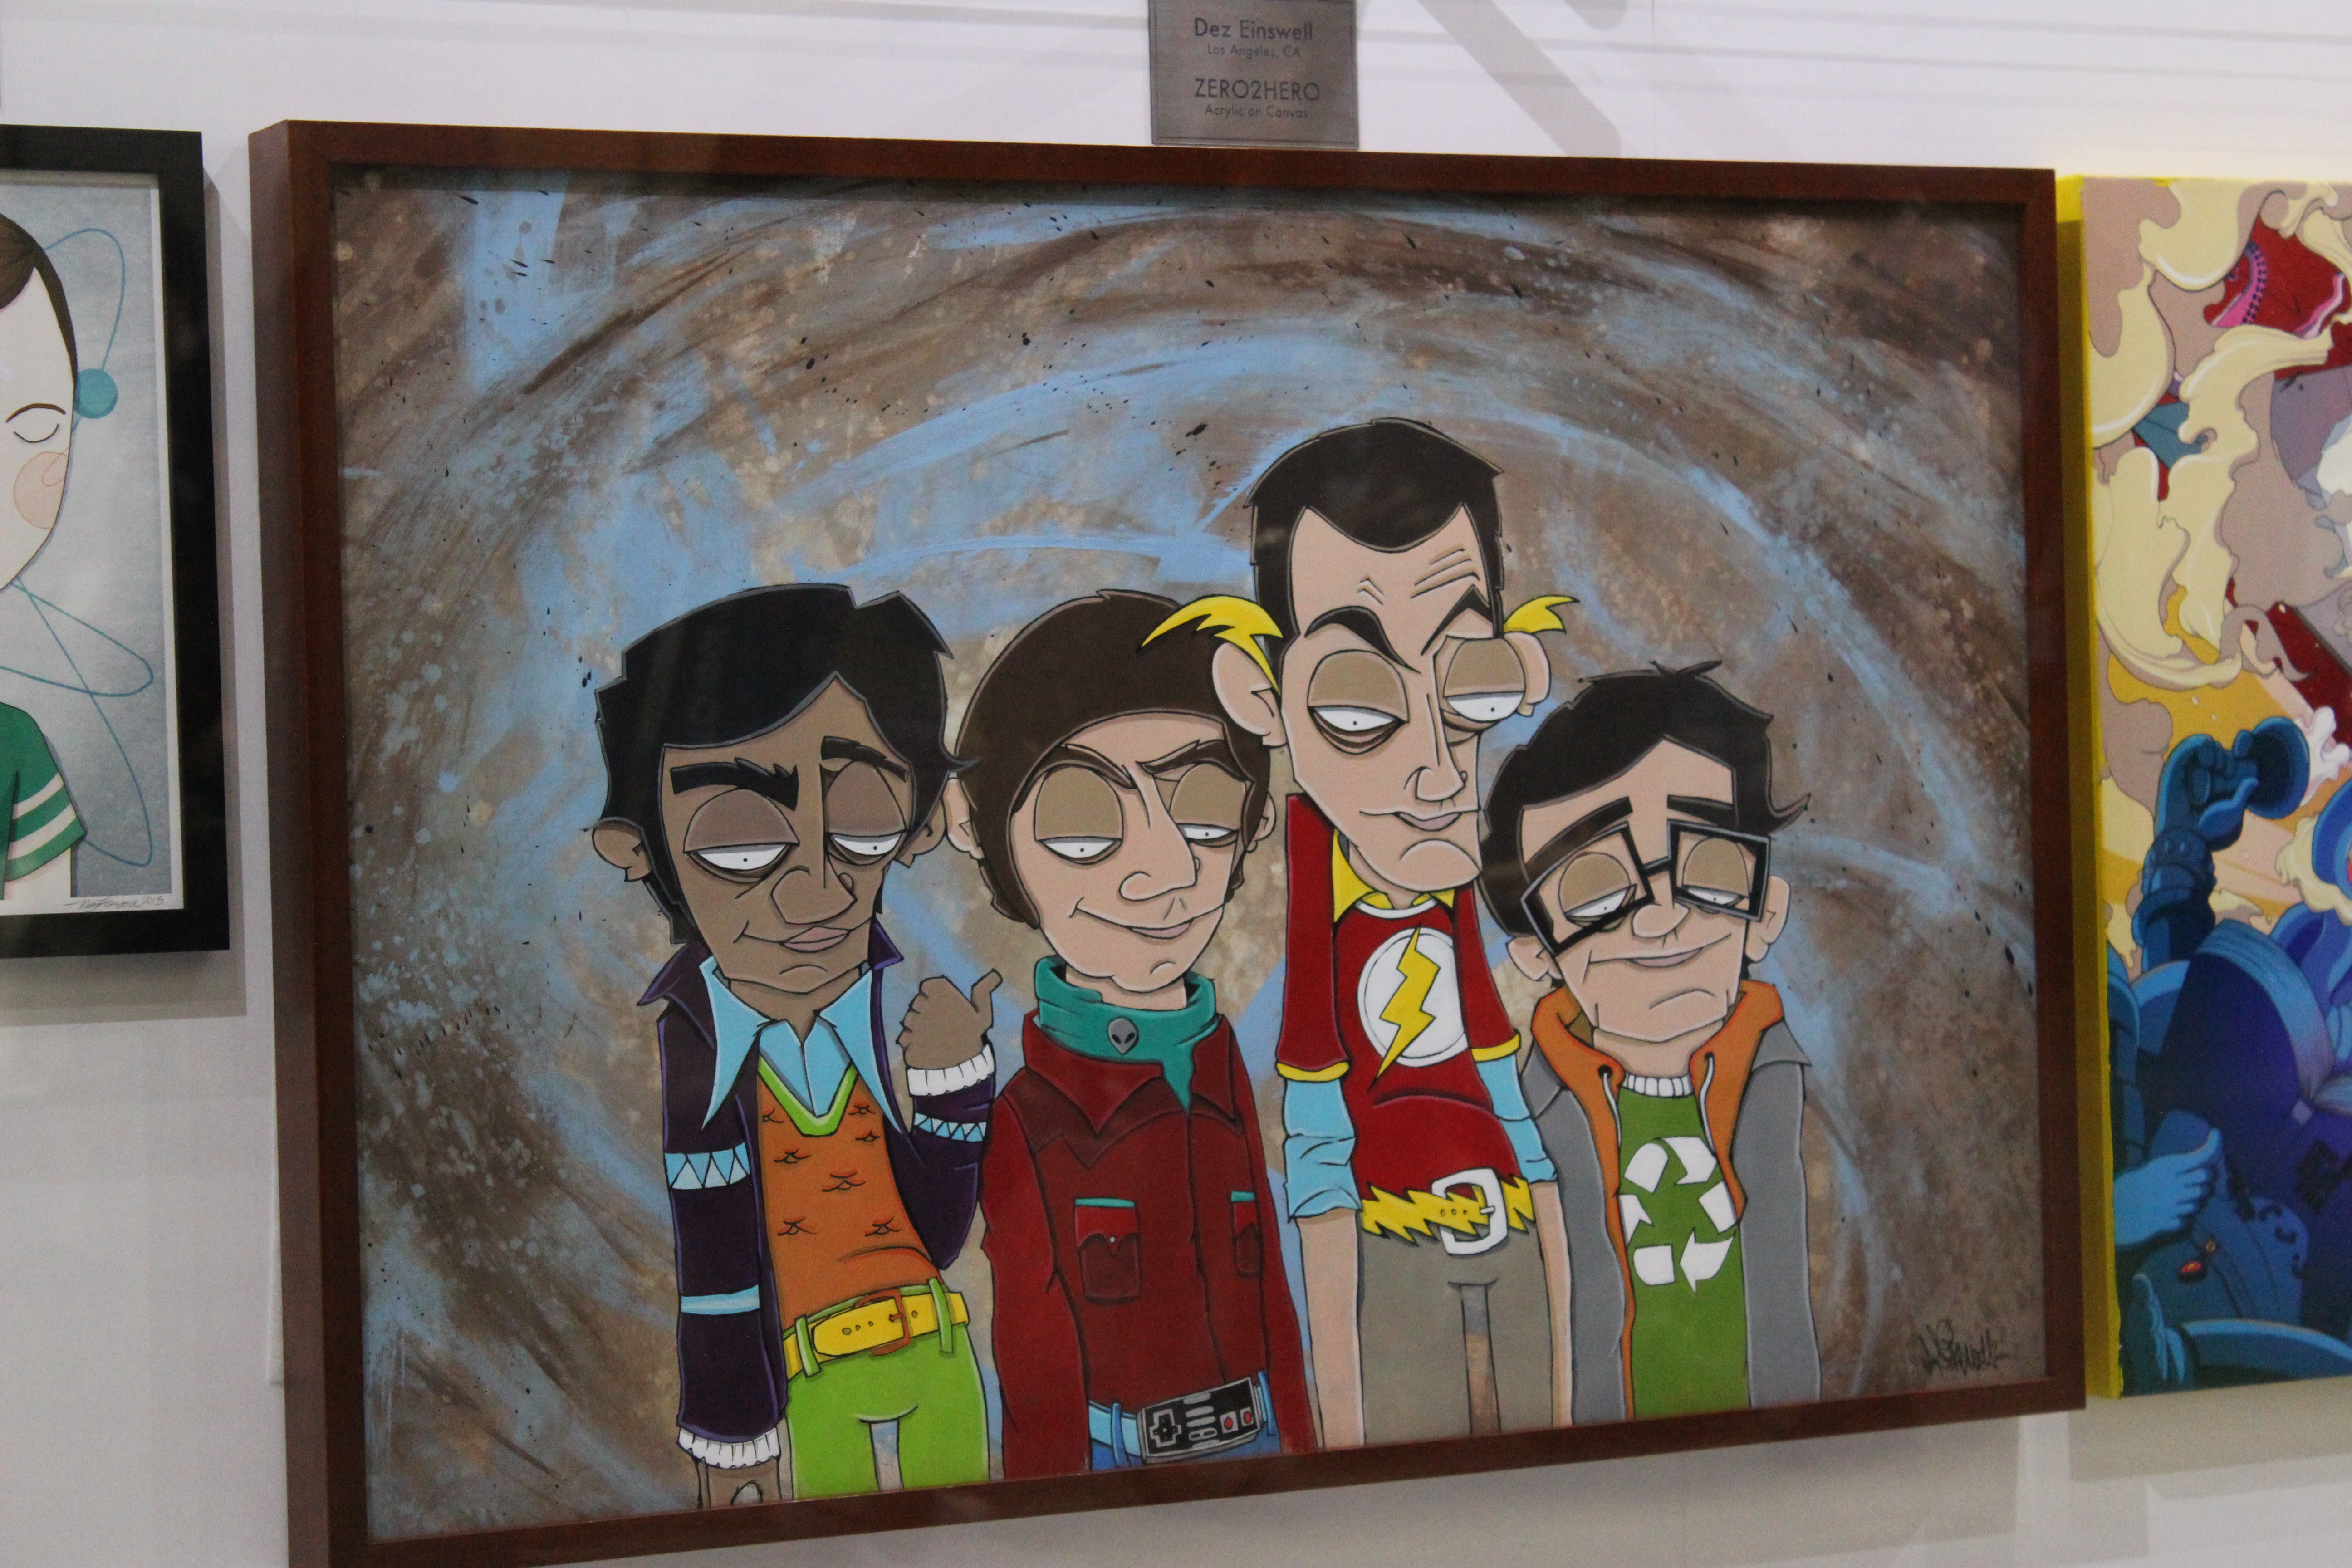 Painting of The Big Bang Theory